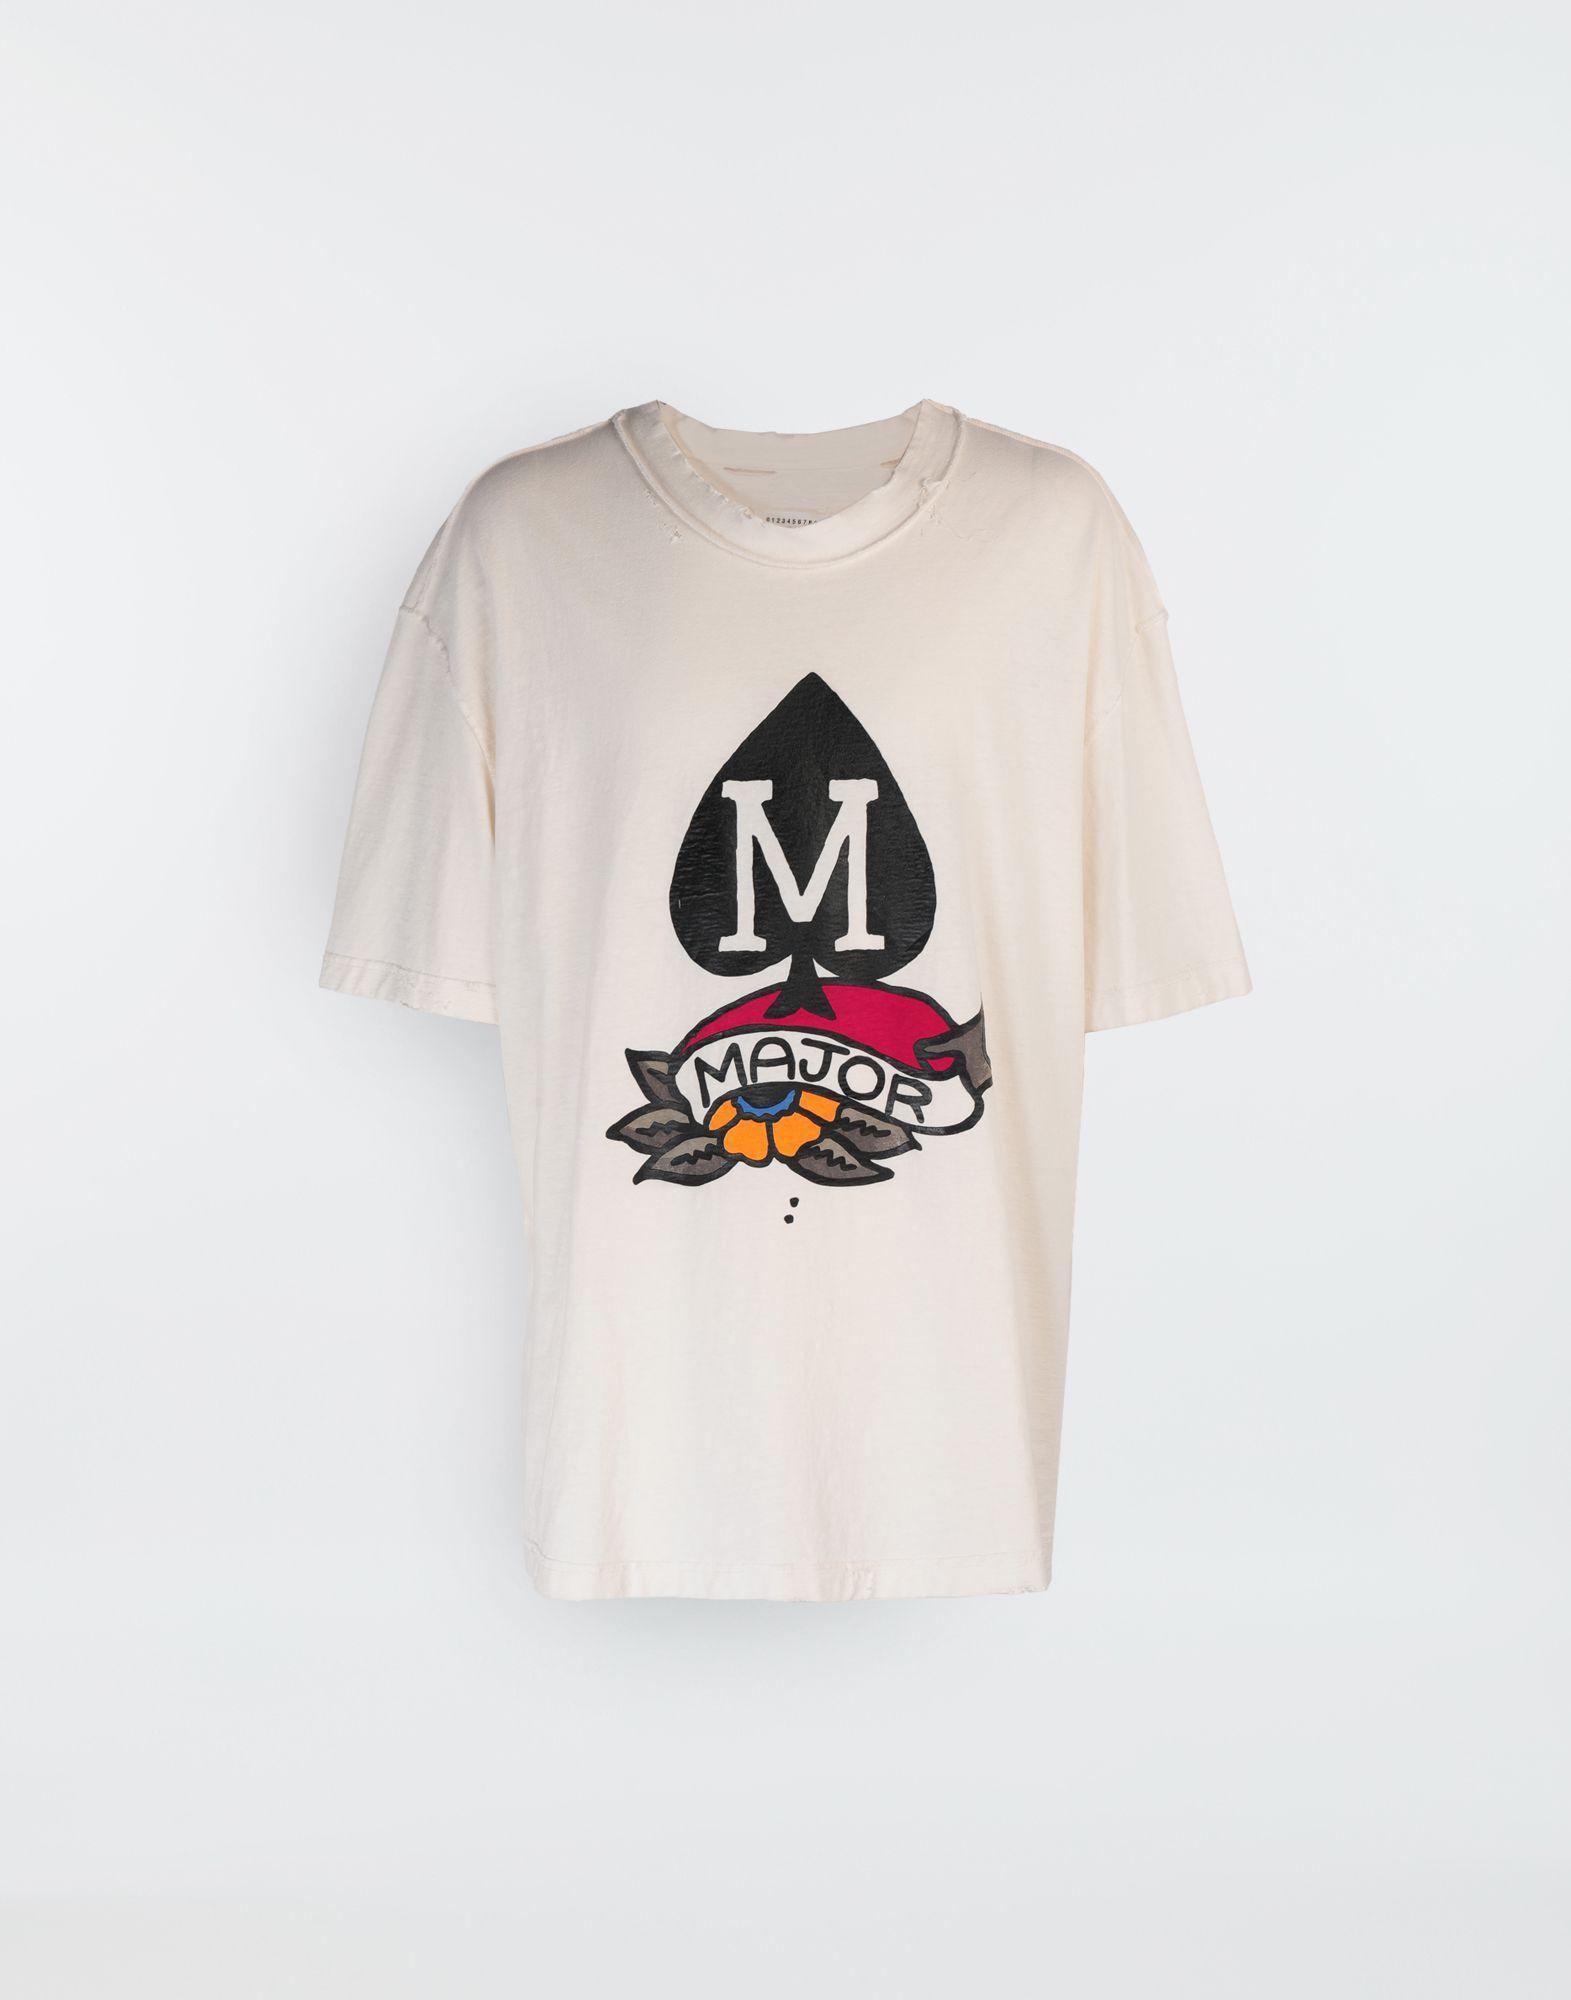 MAISON MARGIELA M Spade logo printed T-shirt Short sleeve t-shirt Man f